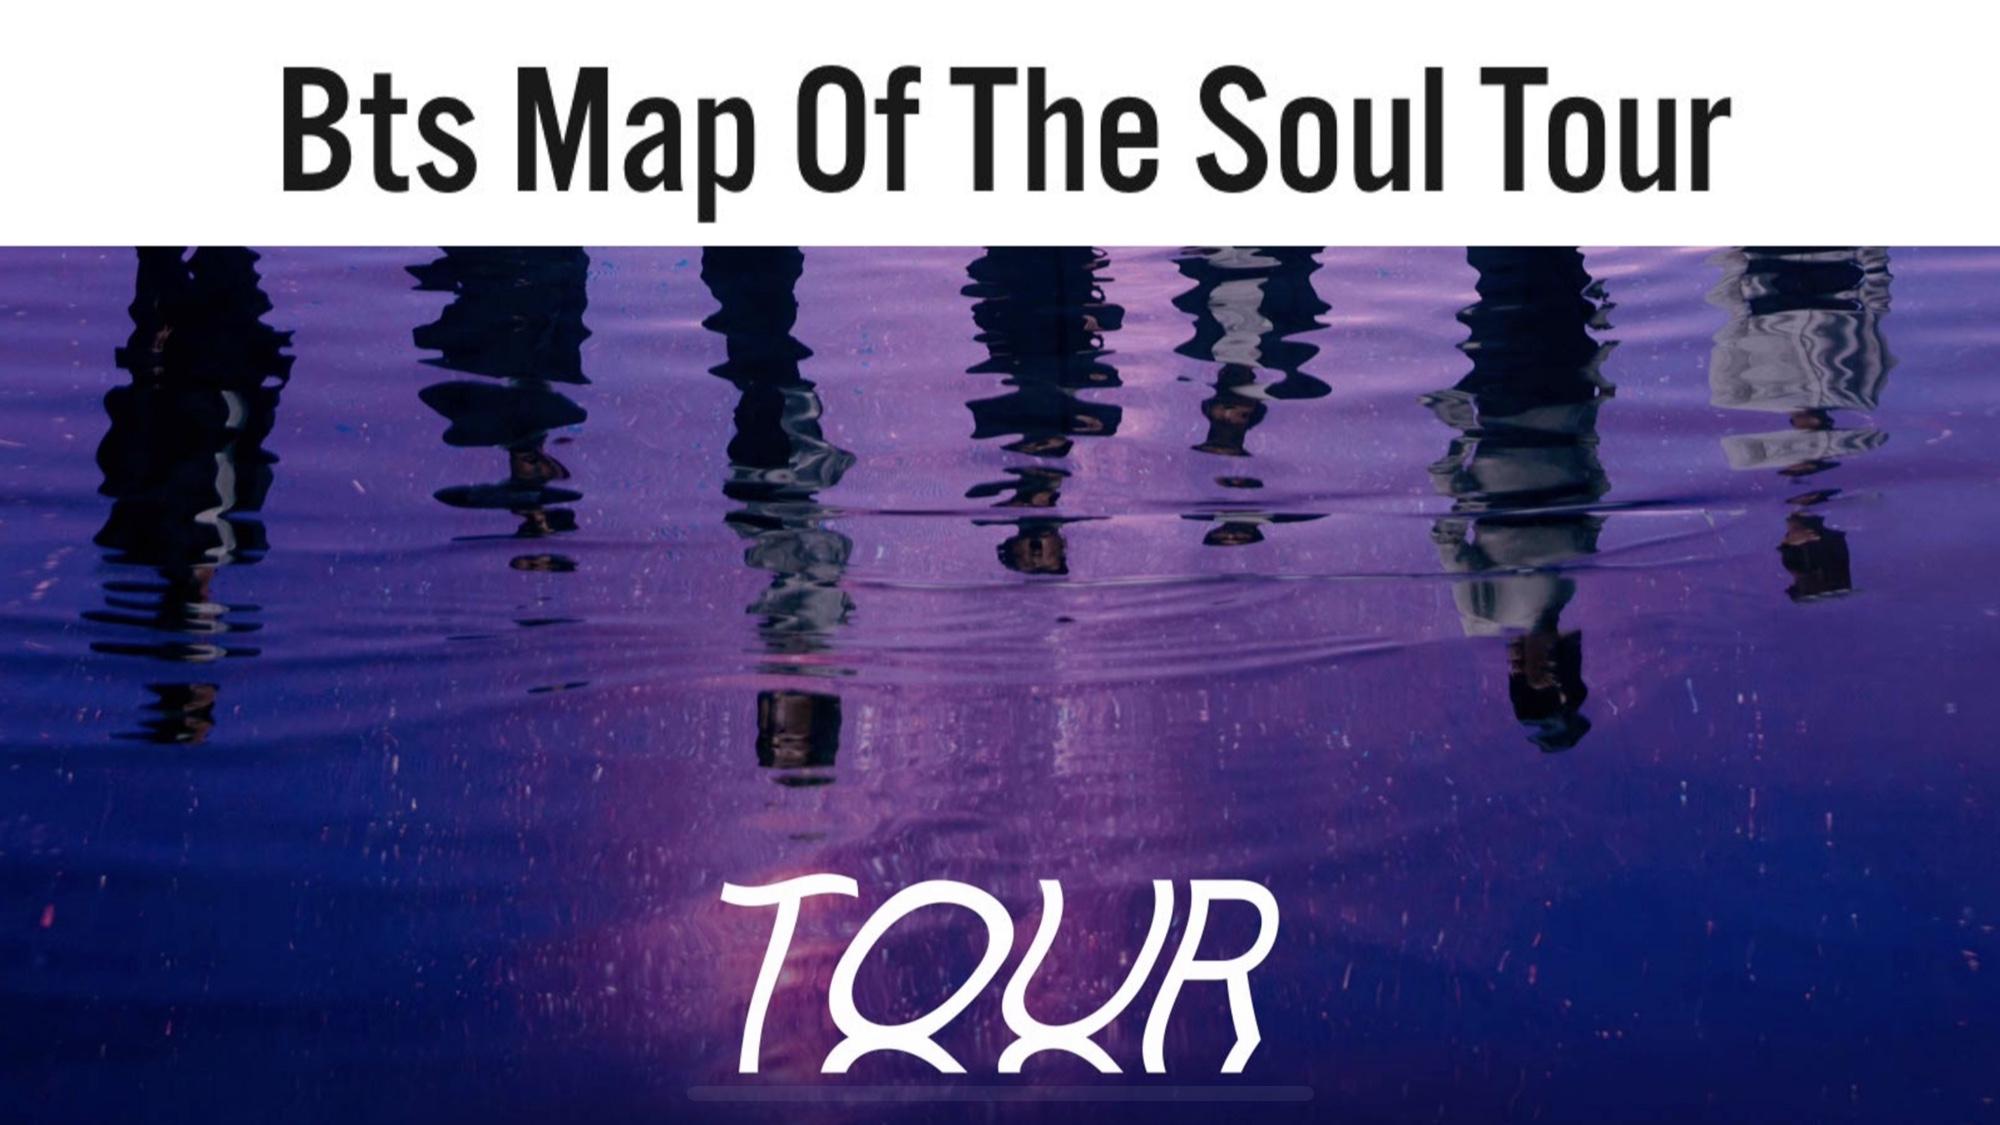 Bts ツアー2020の開催地 日程 チケット予想 日本公演はいつ Map